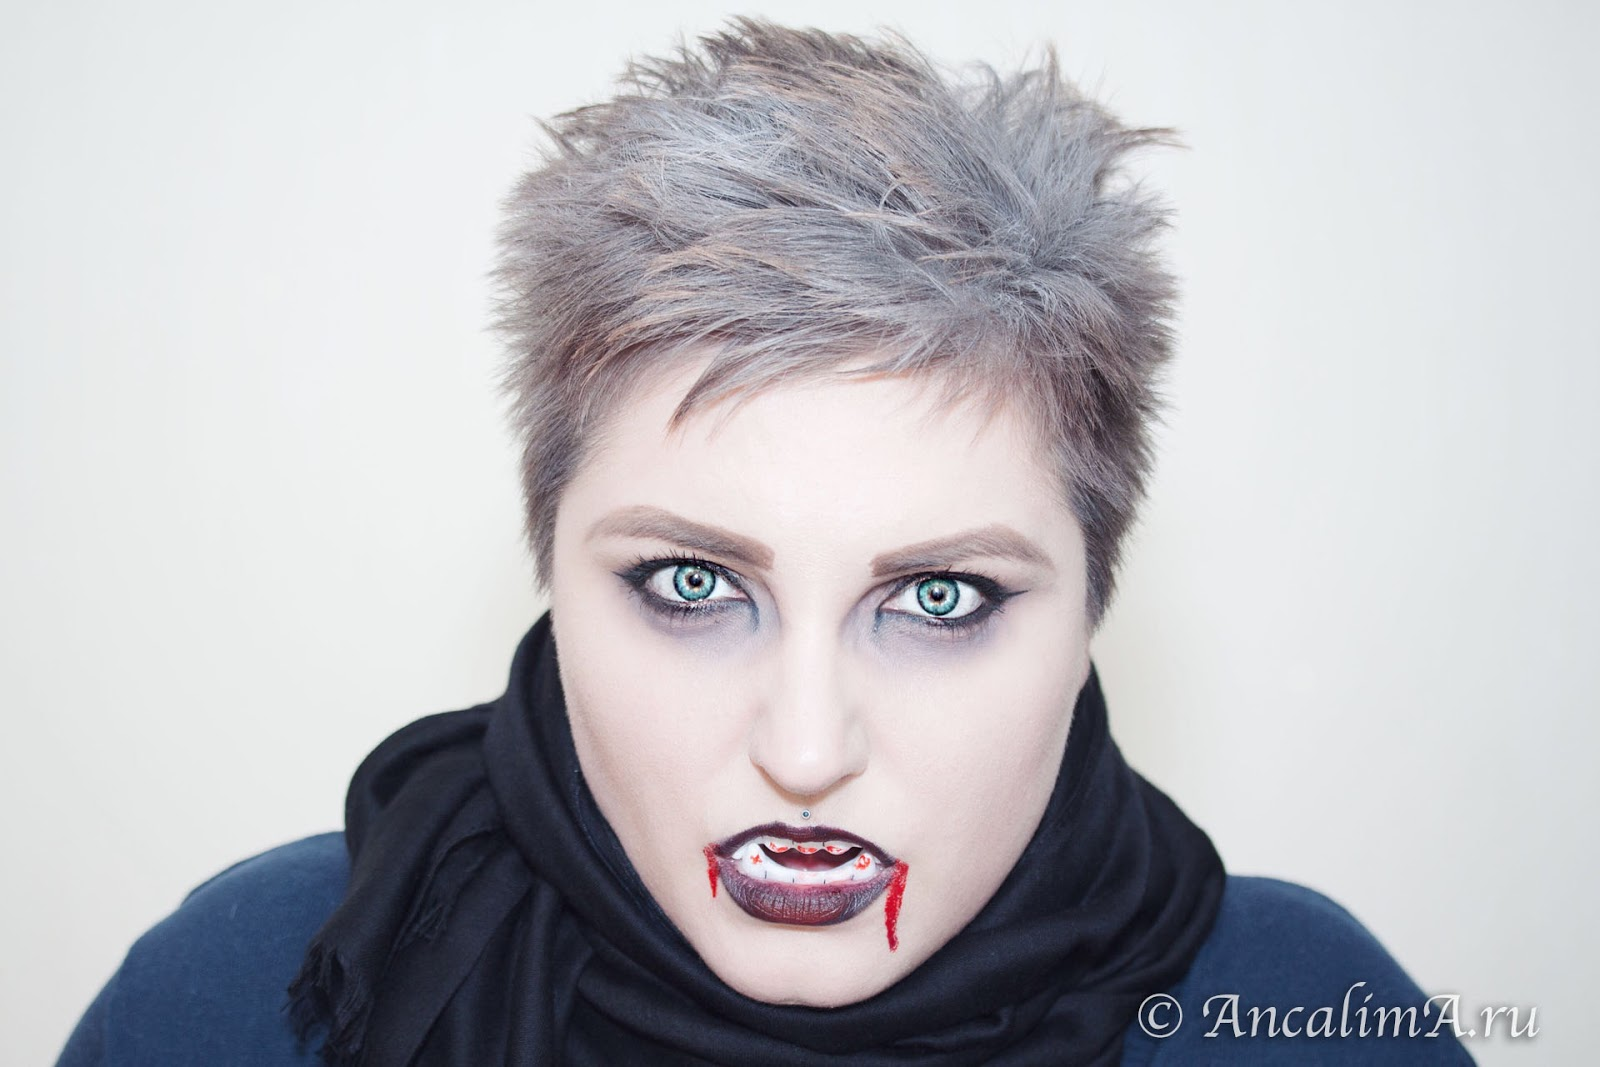 Что будет если стать вампиром в реальной жизни в домашних условиях